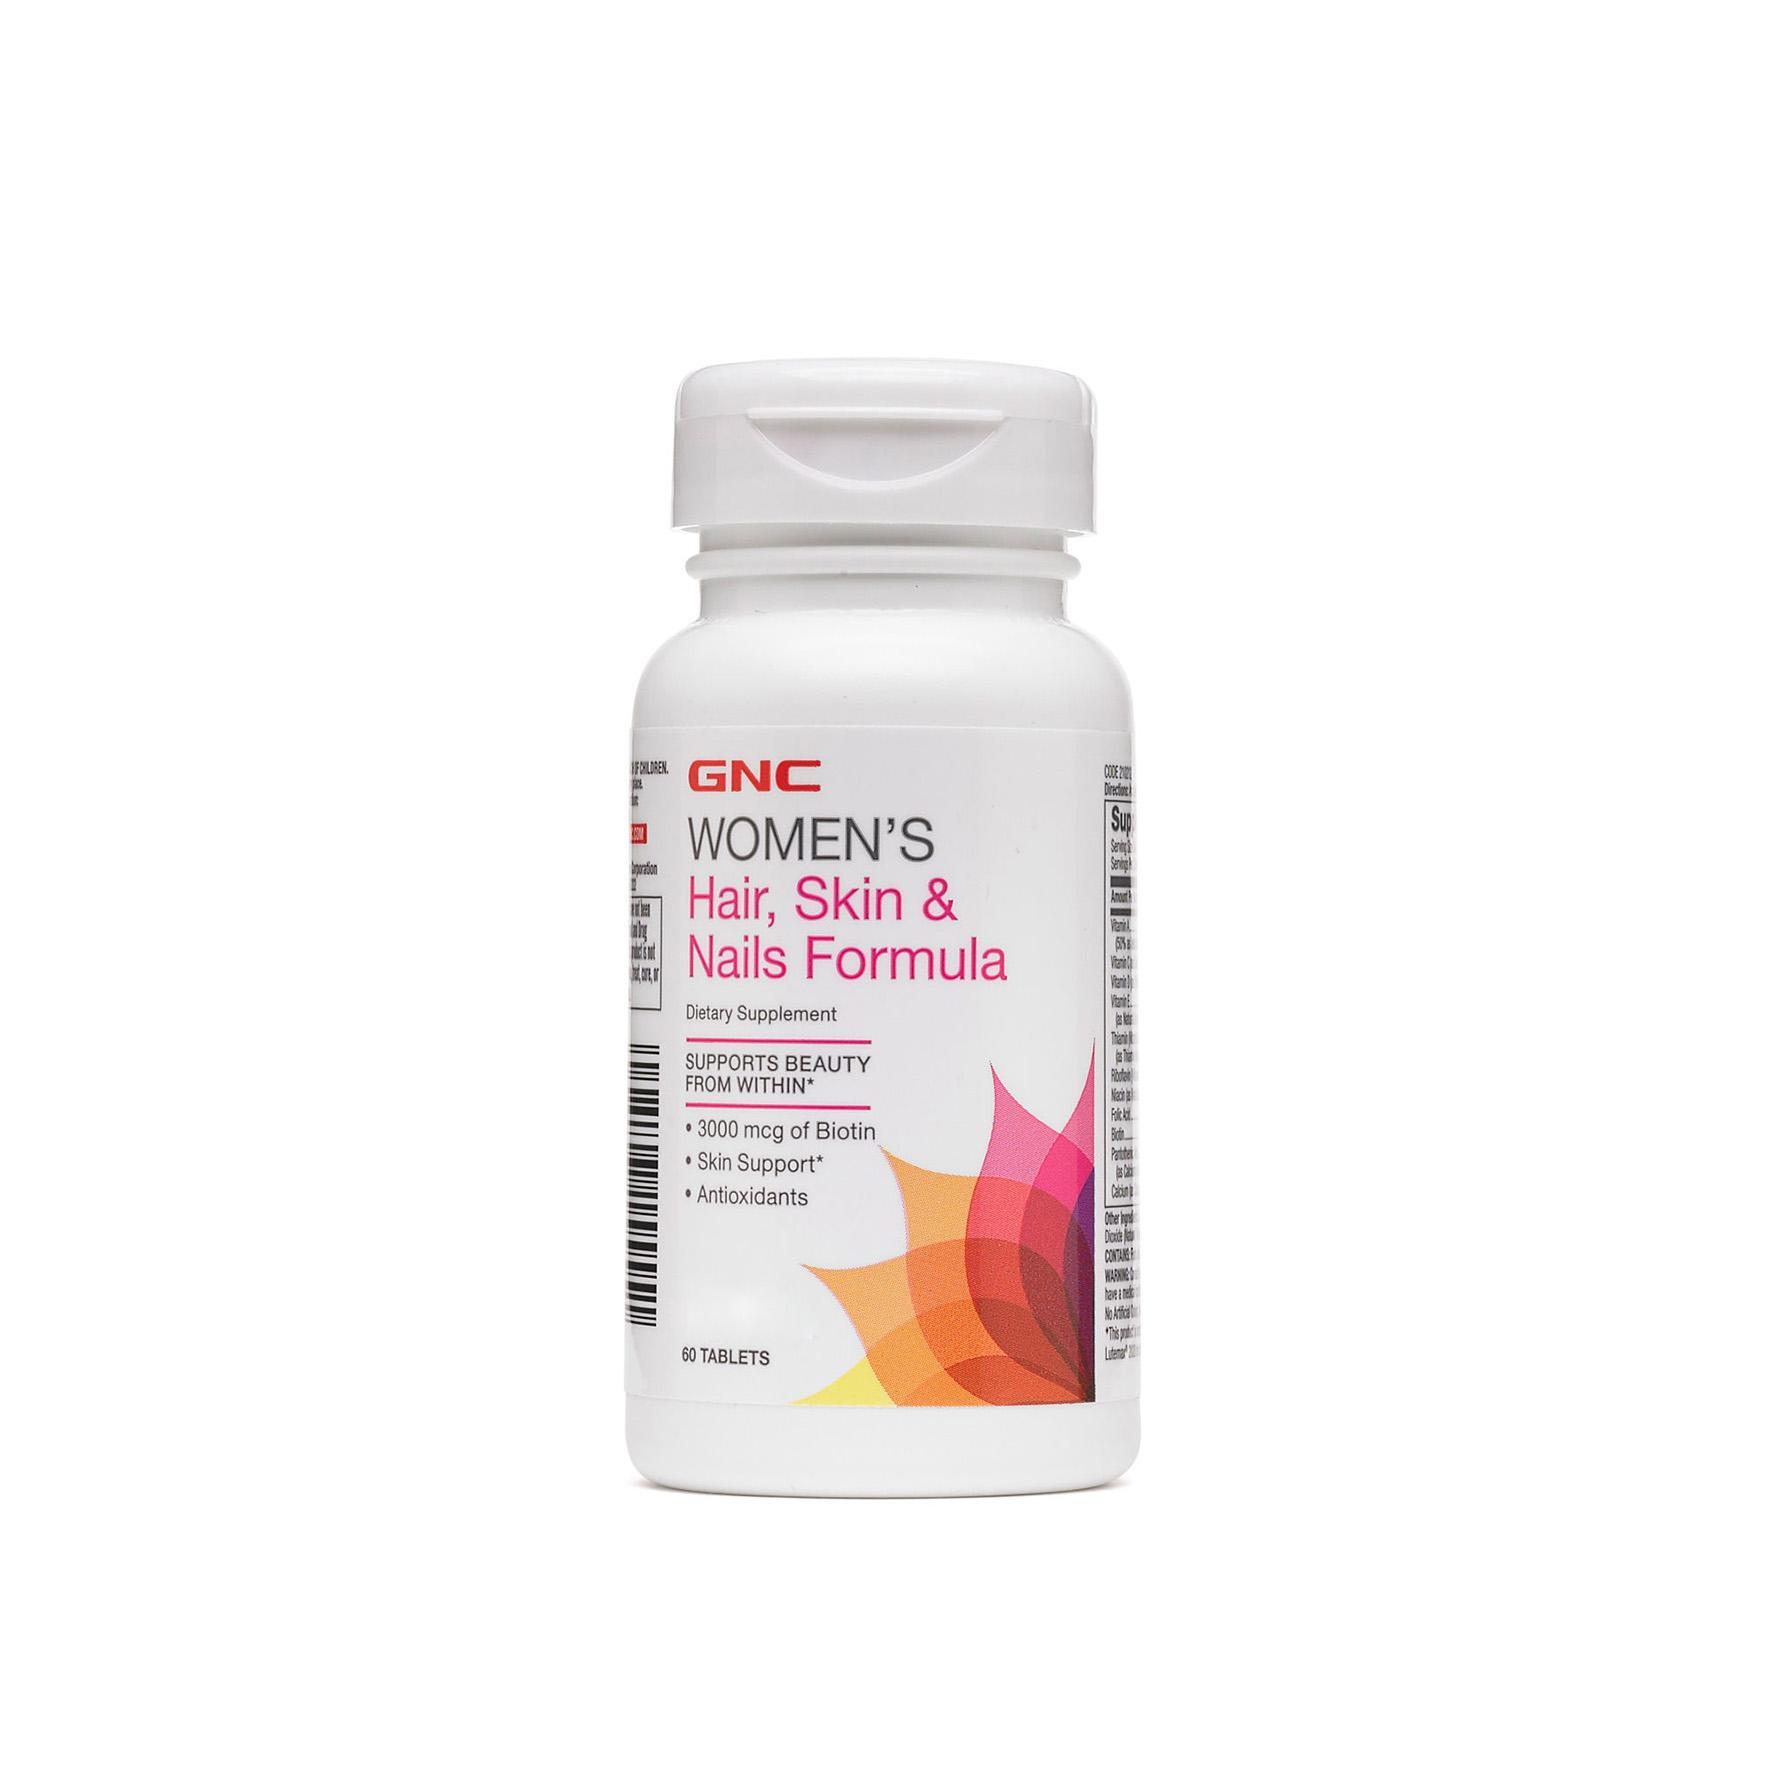 Viên Uống Bổ Sung Vitamin GNC HAIR, SKIN AND NAILS Chai 60 Viên Đang Ưu Đãi Giá